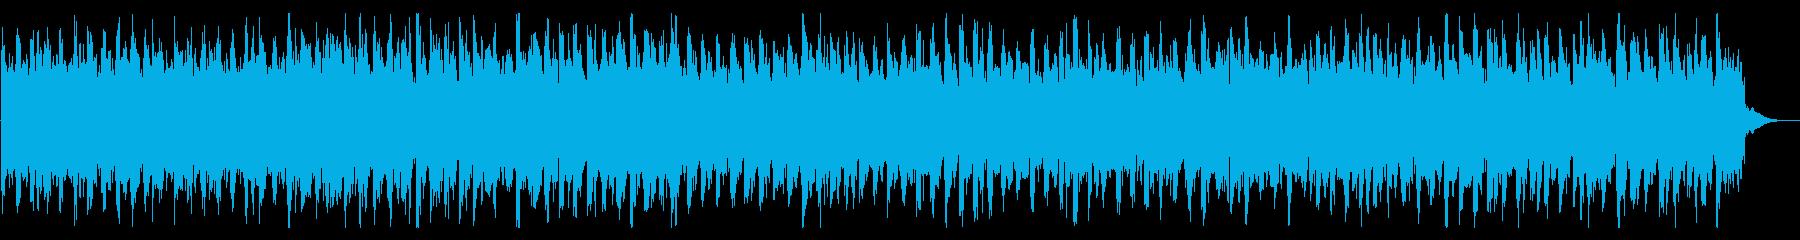 堂々とした曲調のエレクトロニックの再生済みの波形